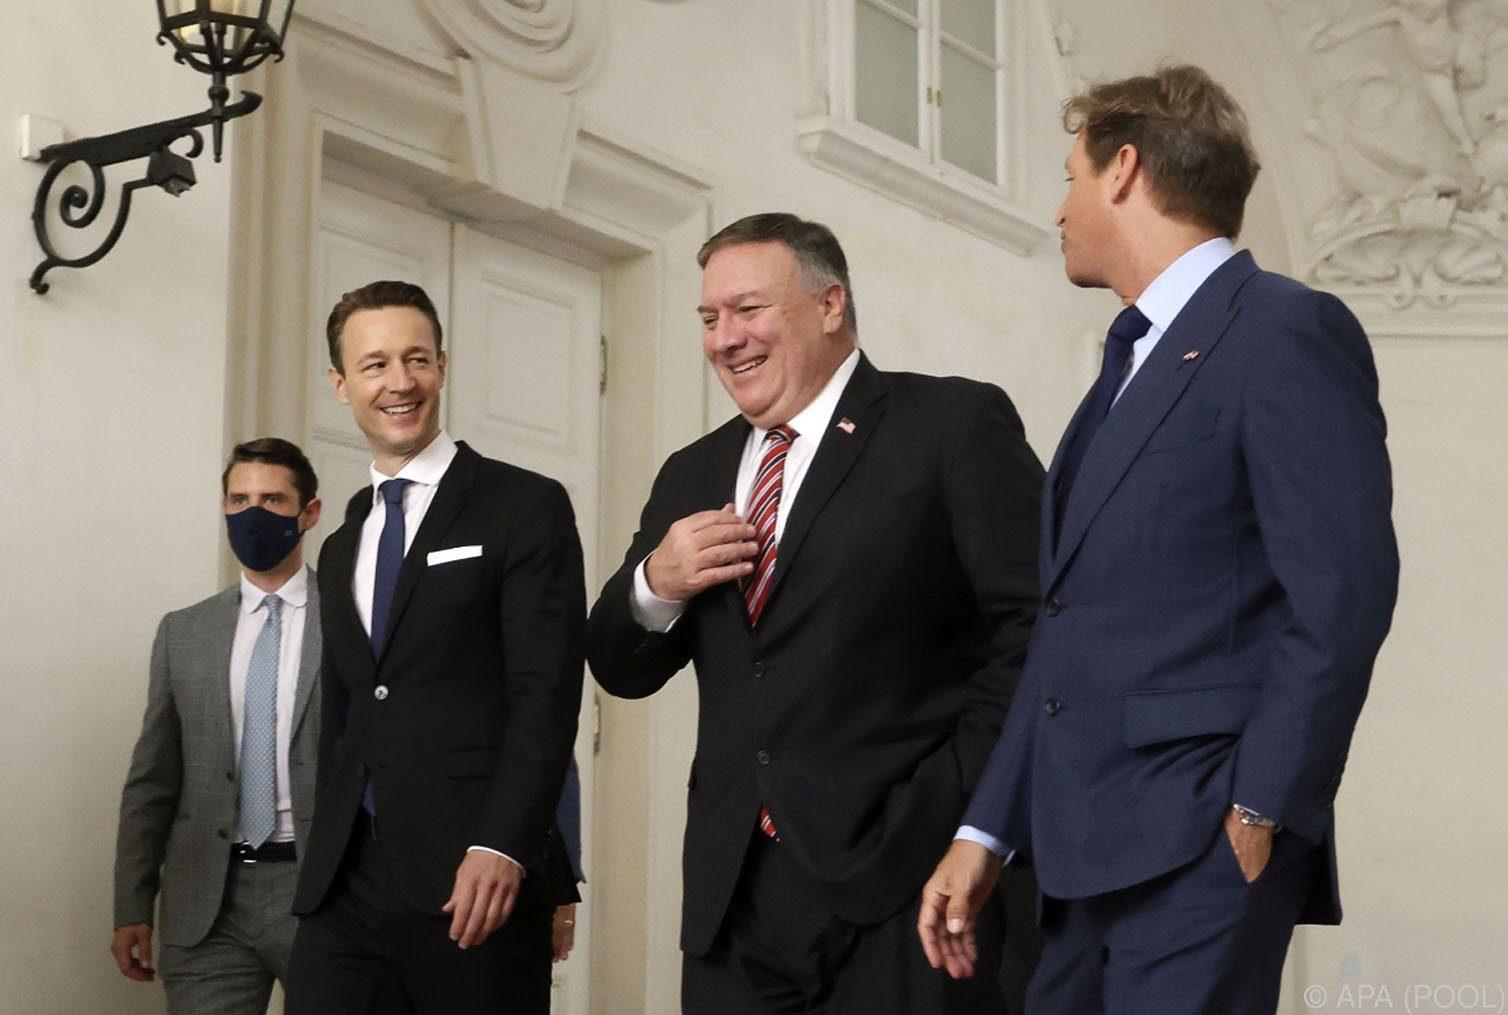 Pompeo erhält Auskunft zu 5G-Ausbau und Nord Stream